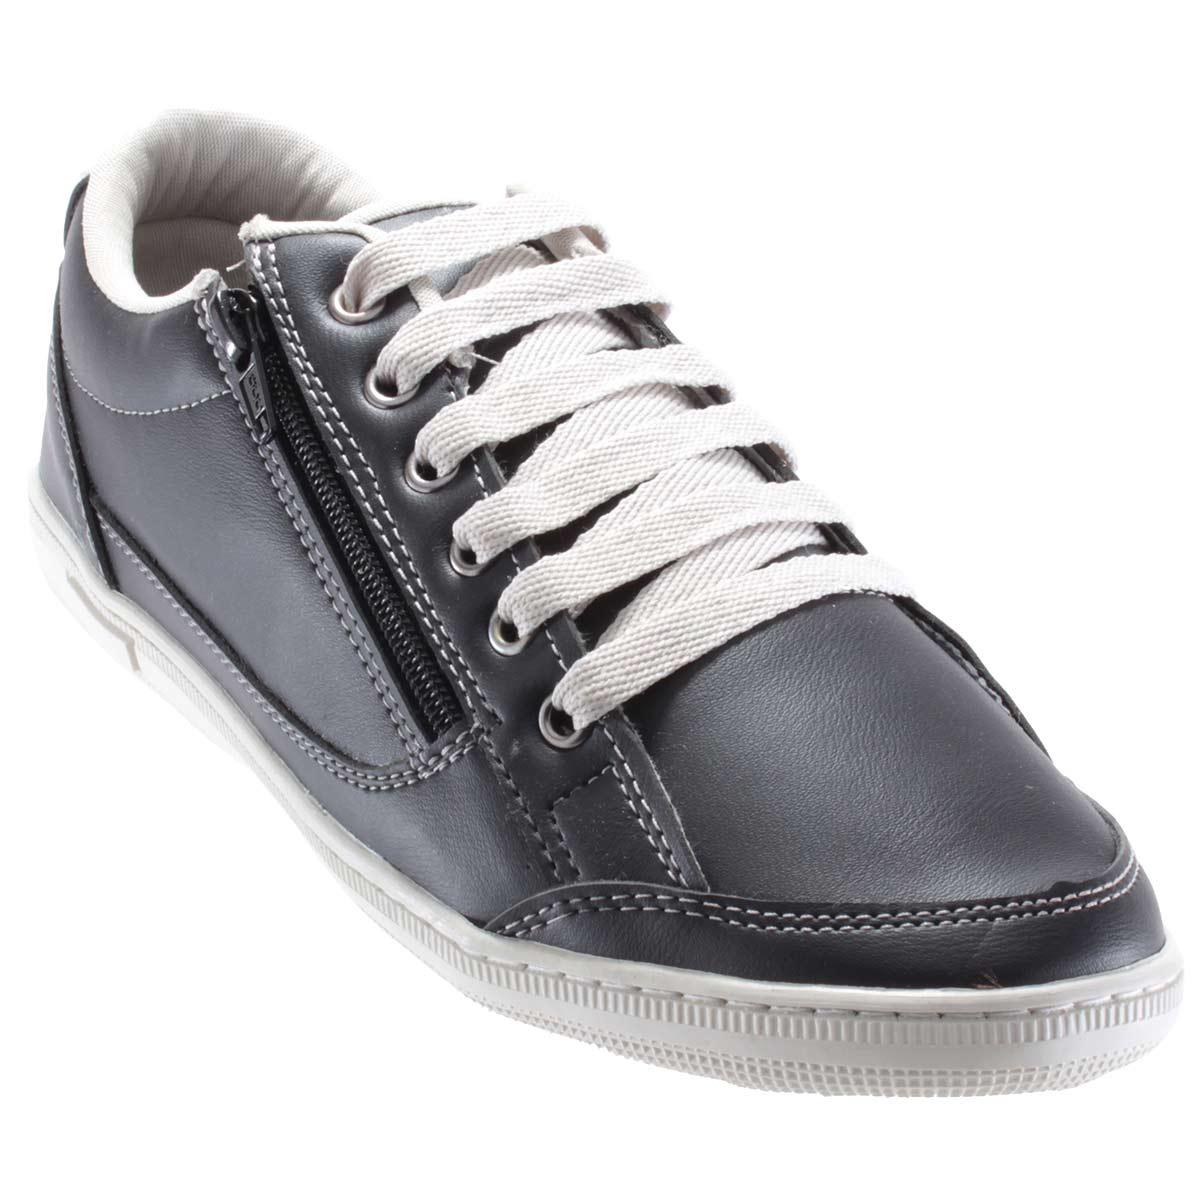 Sapatênis Doc Shoes Sintético Casual Ziper Confortável 7124C